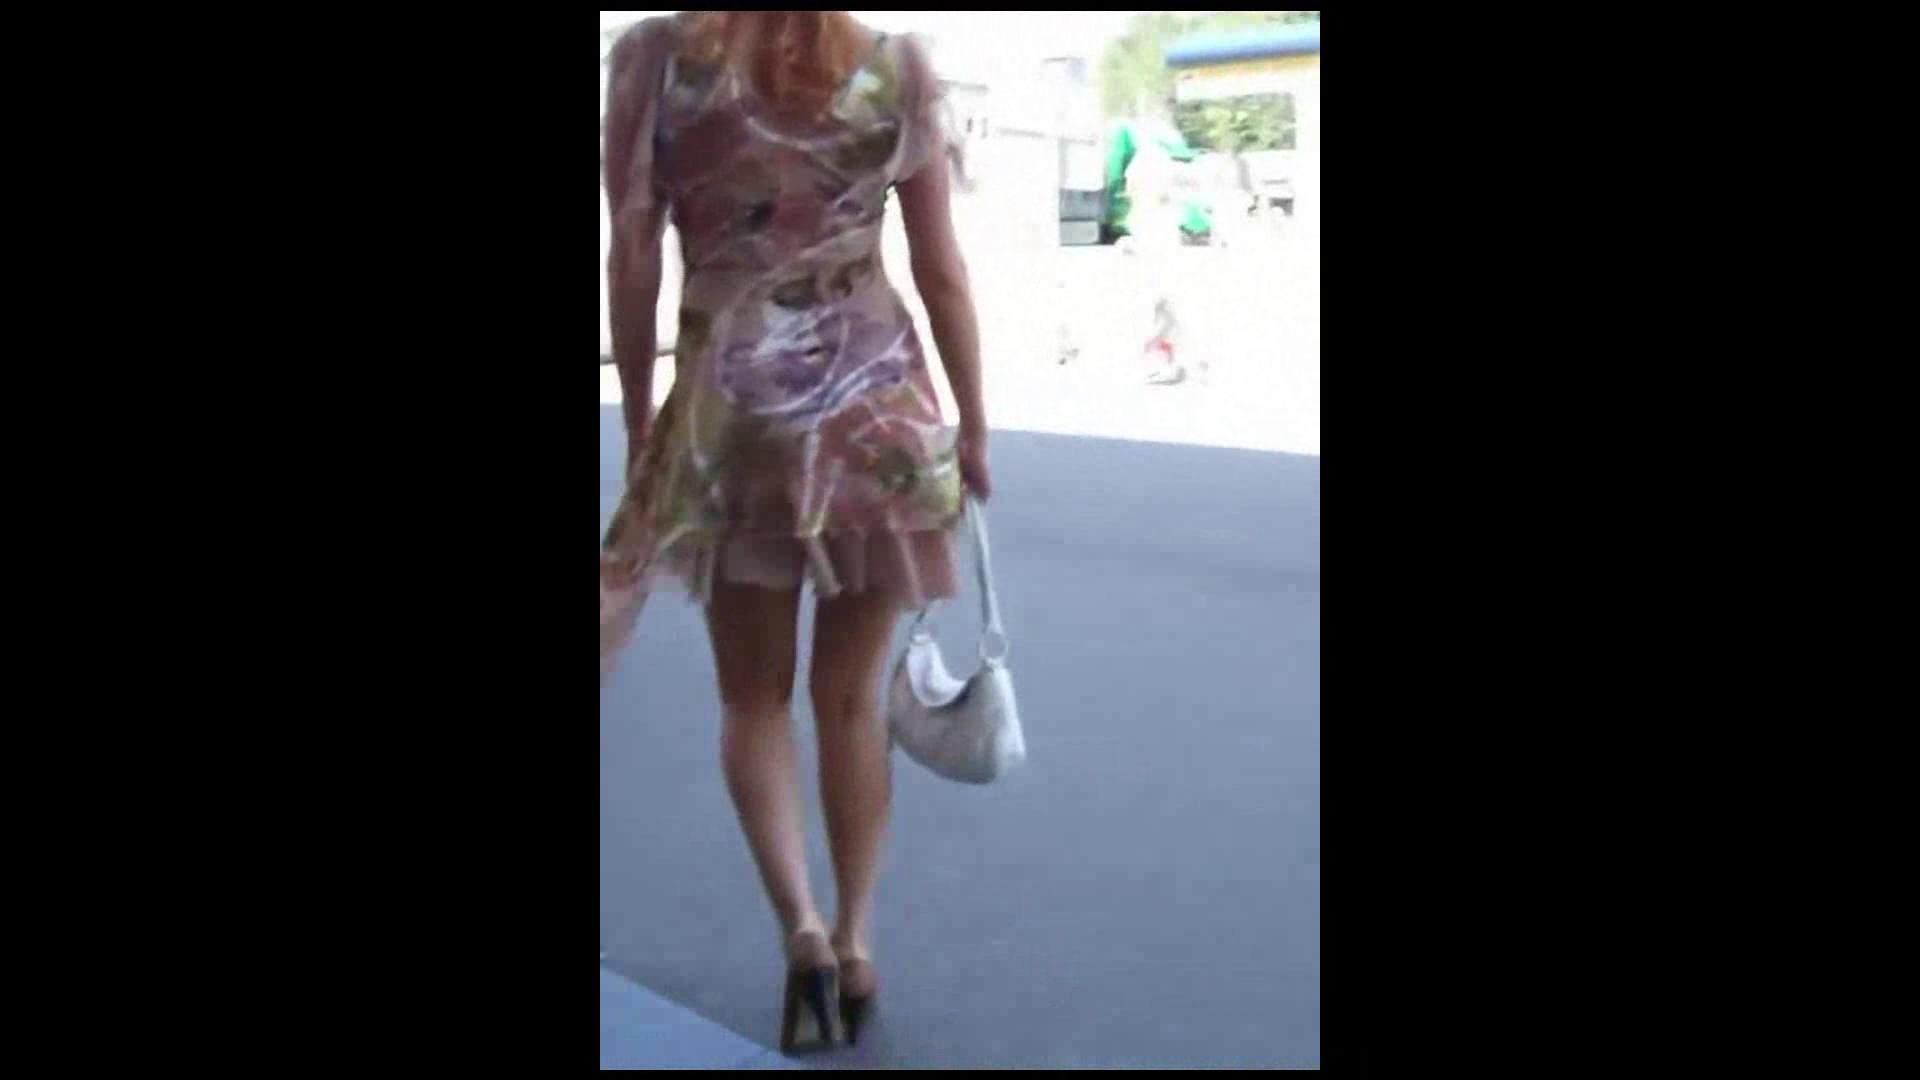 綺麗なモデルさんのスカート捲っちゃおう‼vol03 Hなお姉さん   HなOL  87pic 48